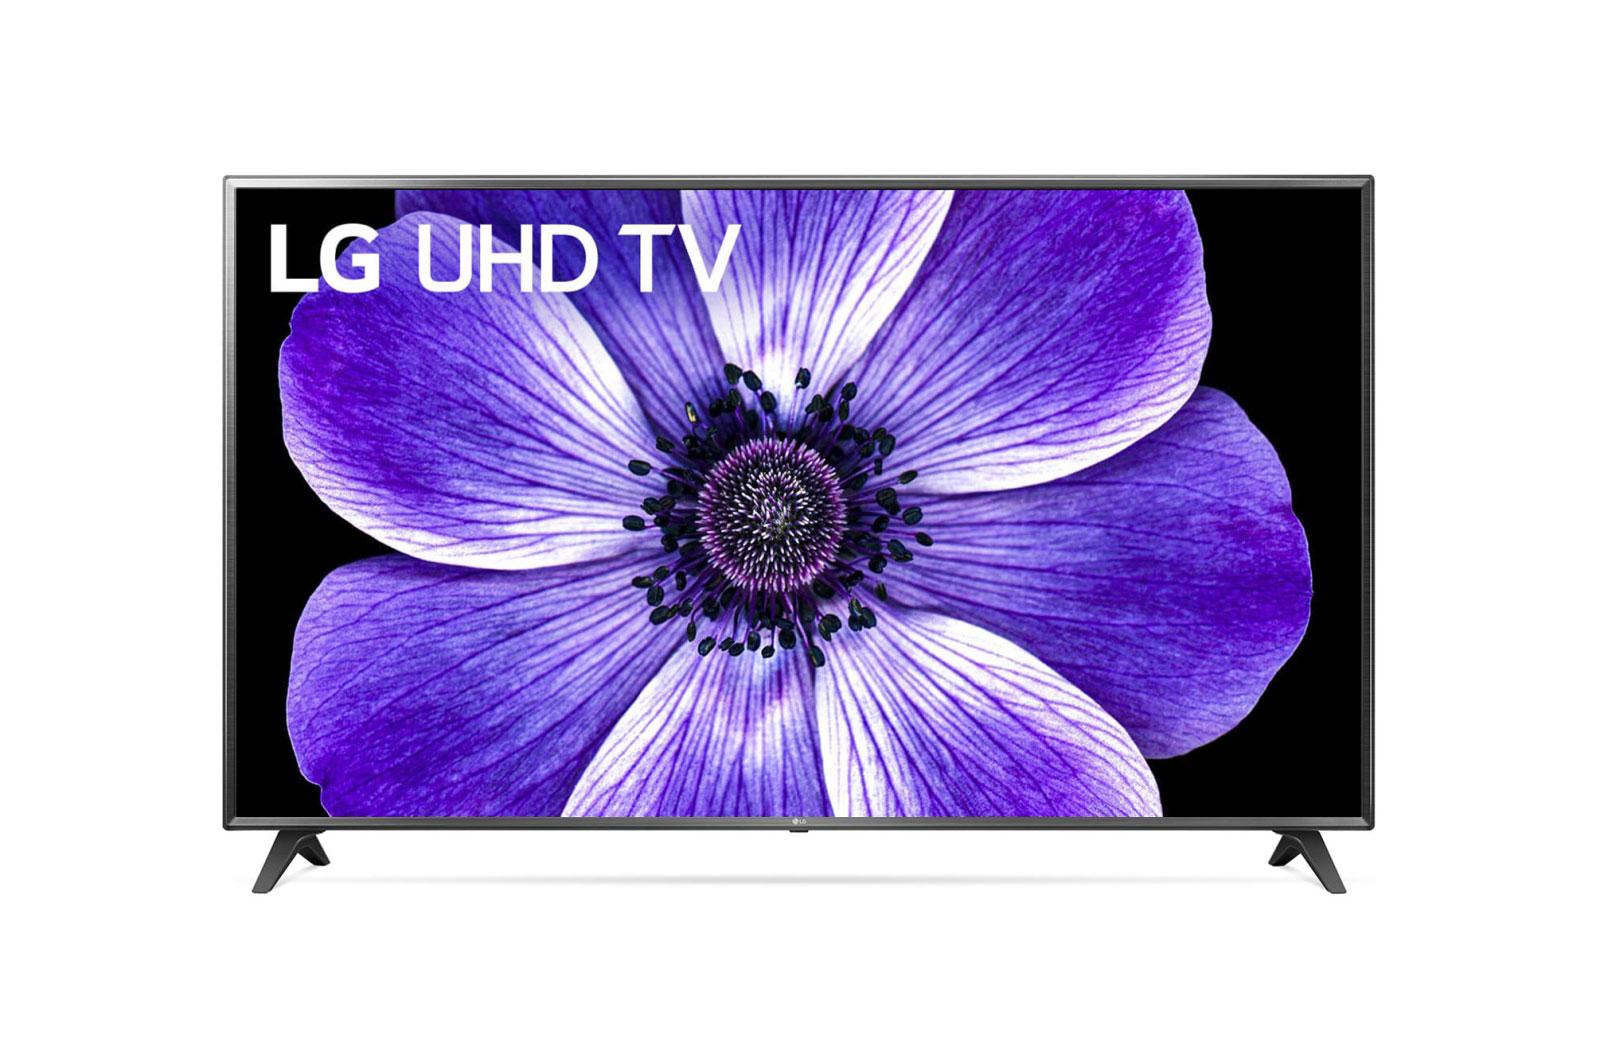 https://www.mediamarkt.es/es/product/_tv-led-75-lg-75un70706ld-uhd-4k-ips-smart-tv-webos-5-0-bluetooth-quad-core-processor-4k-1493841.html